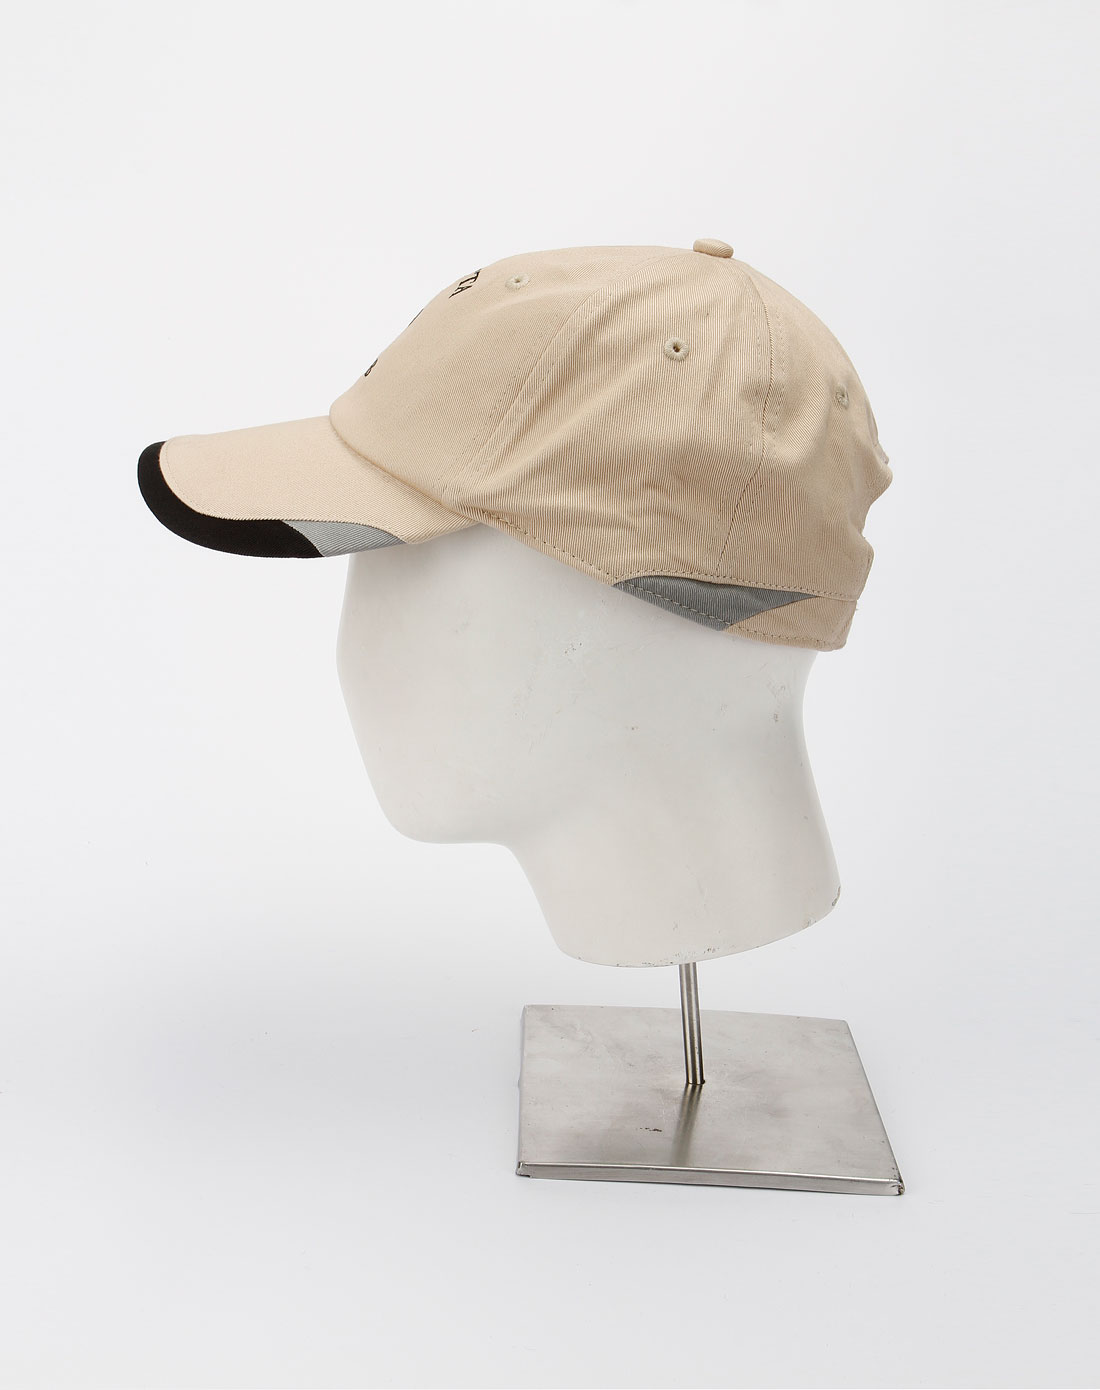 怎么折帽子图片步骤